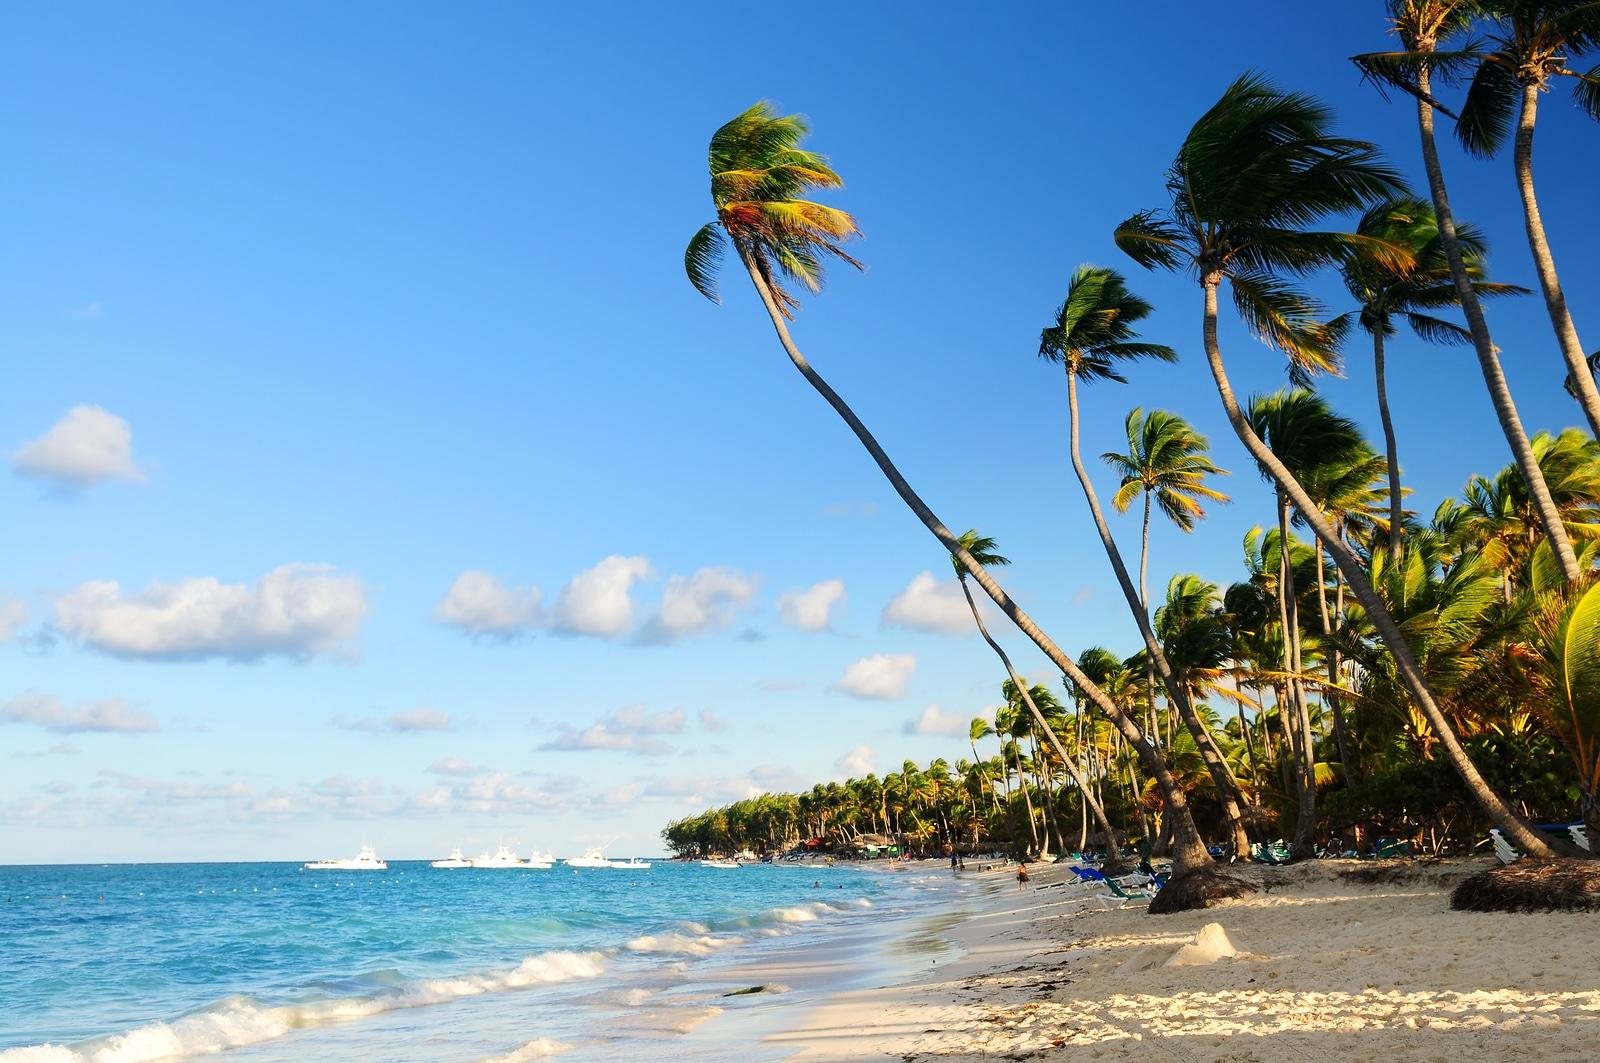 Visita la hermosa República Dominicana con Explorers Travelers Club